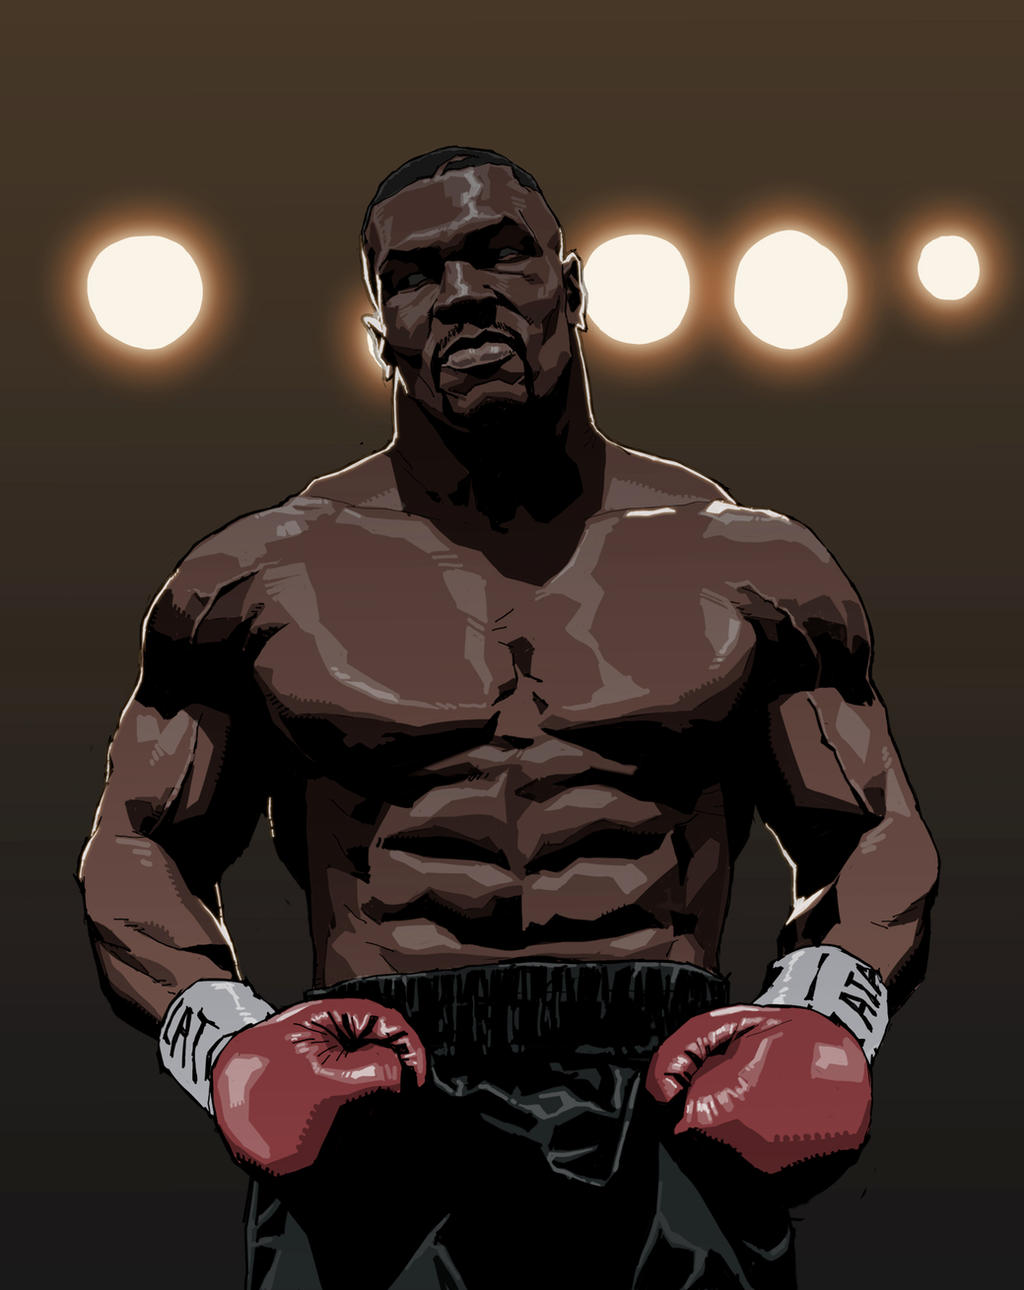 Tyson by kse332